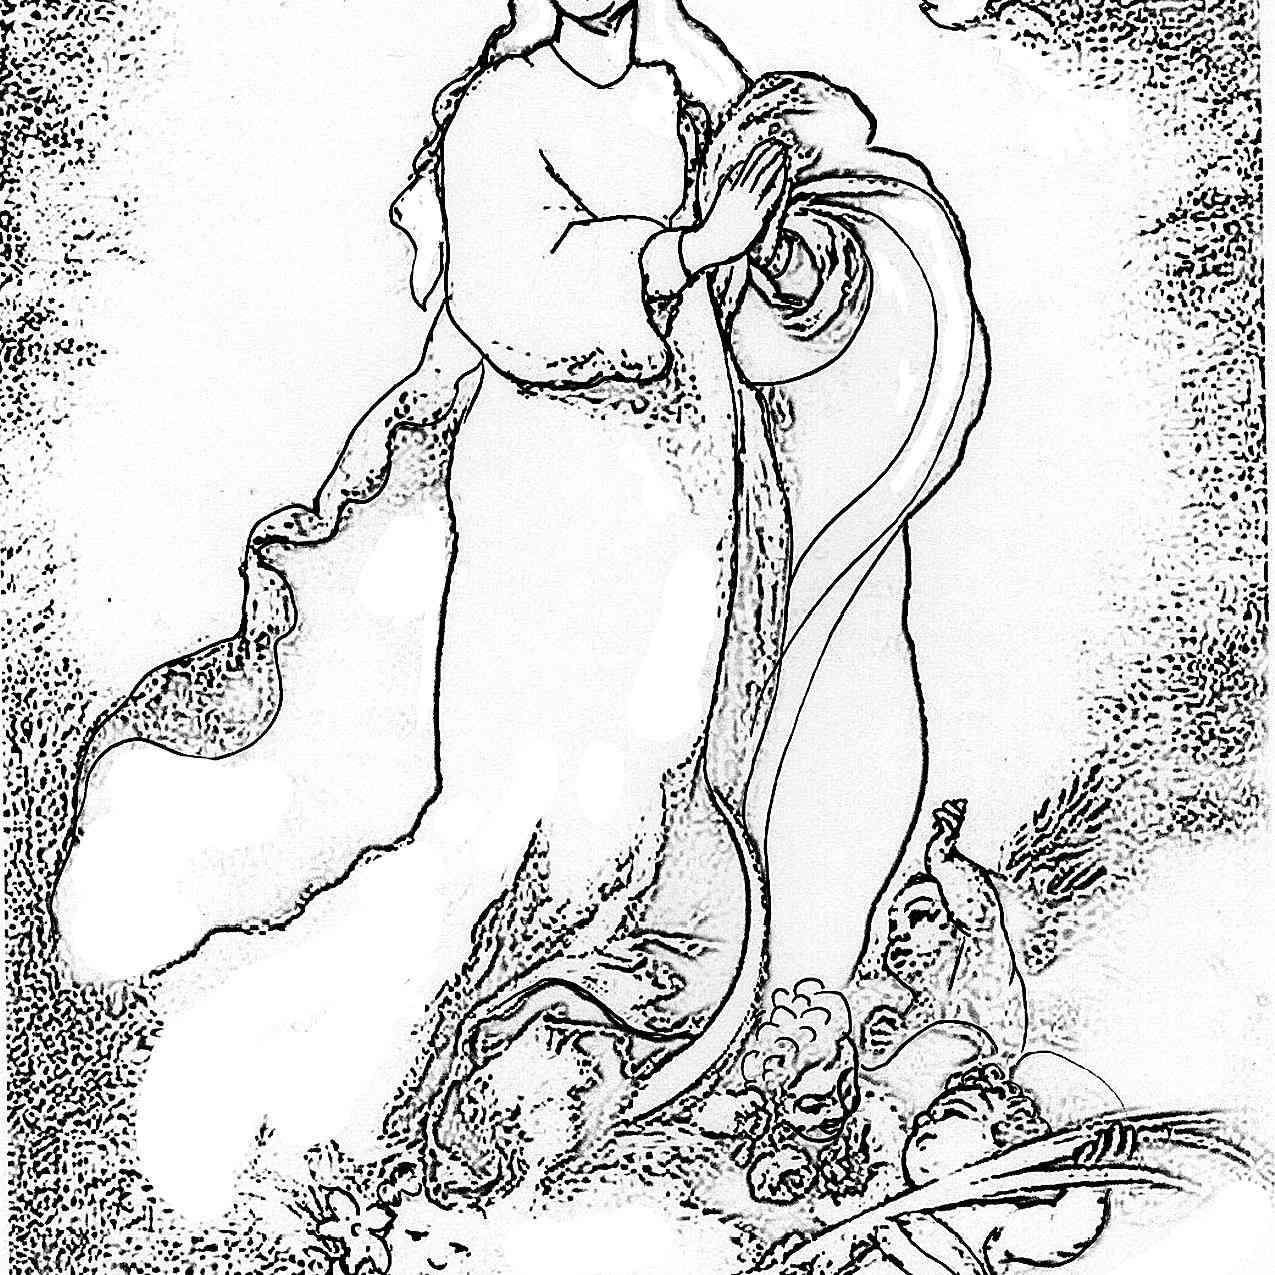 Dibujo de la Inmaculada Concepción de Murillo